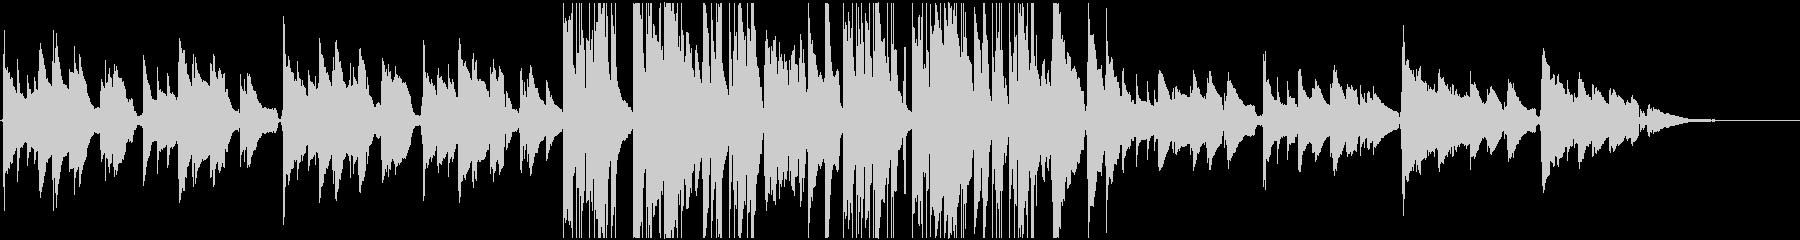 アコギとピアノのお洒落なジャズBGMの未再生の波形